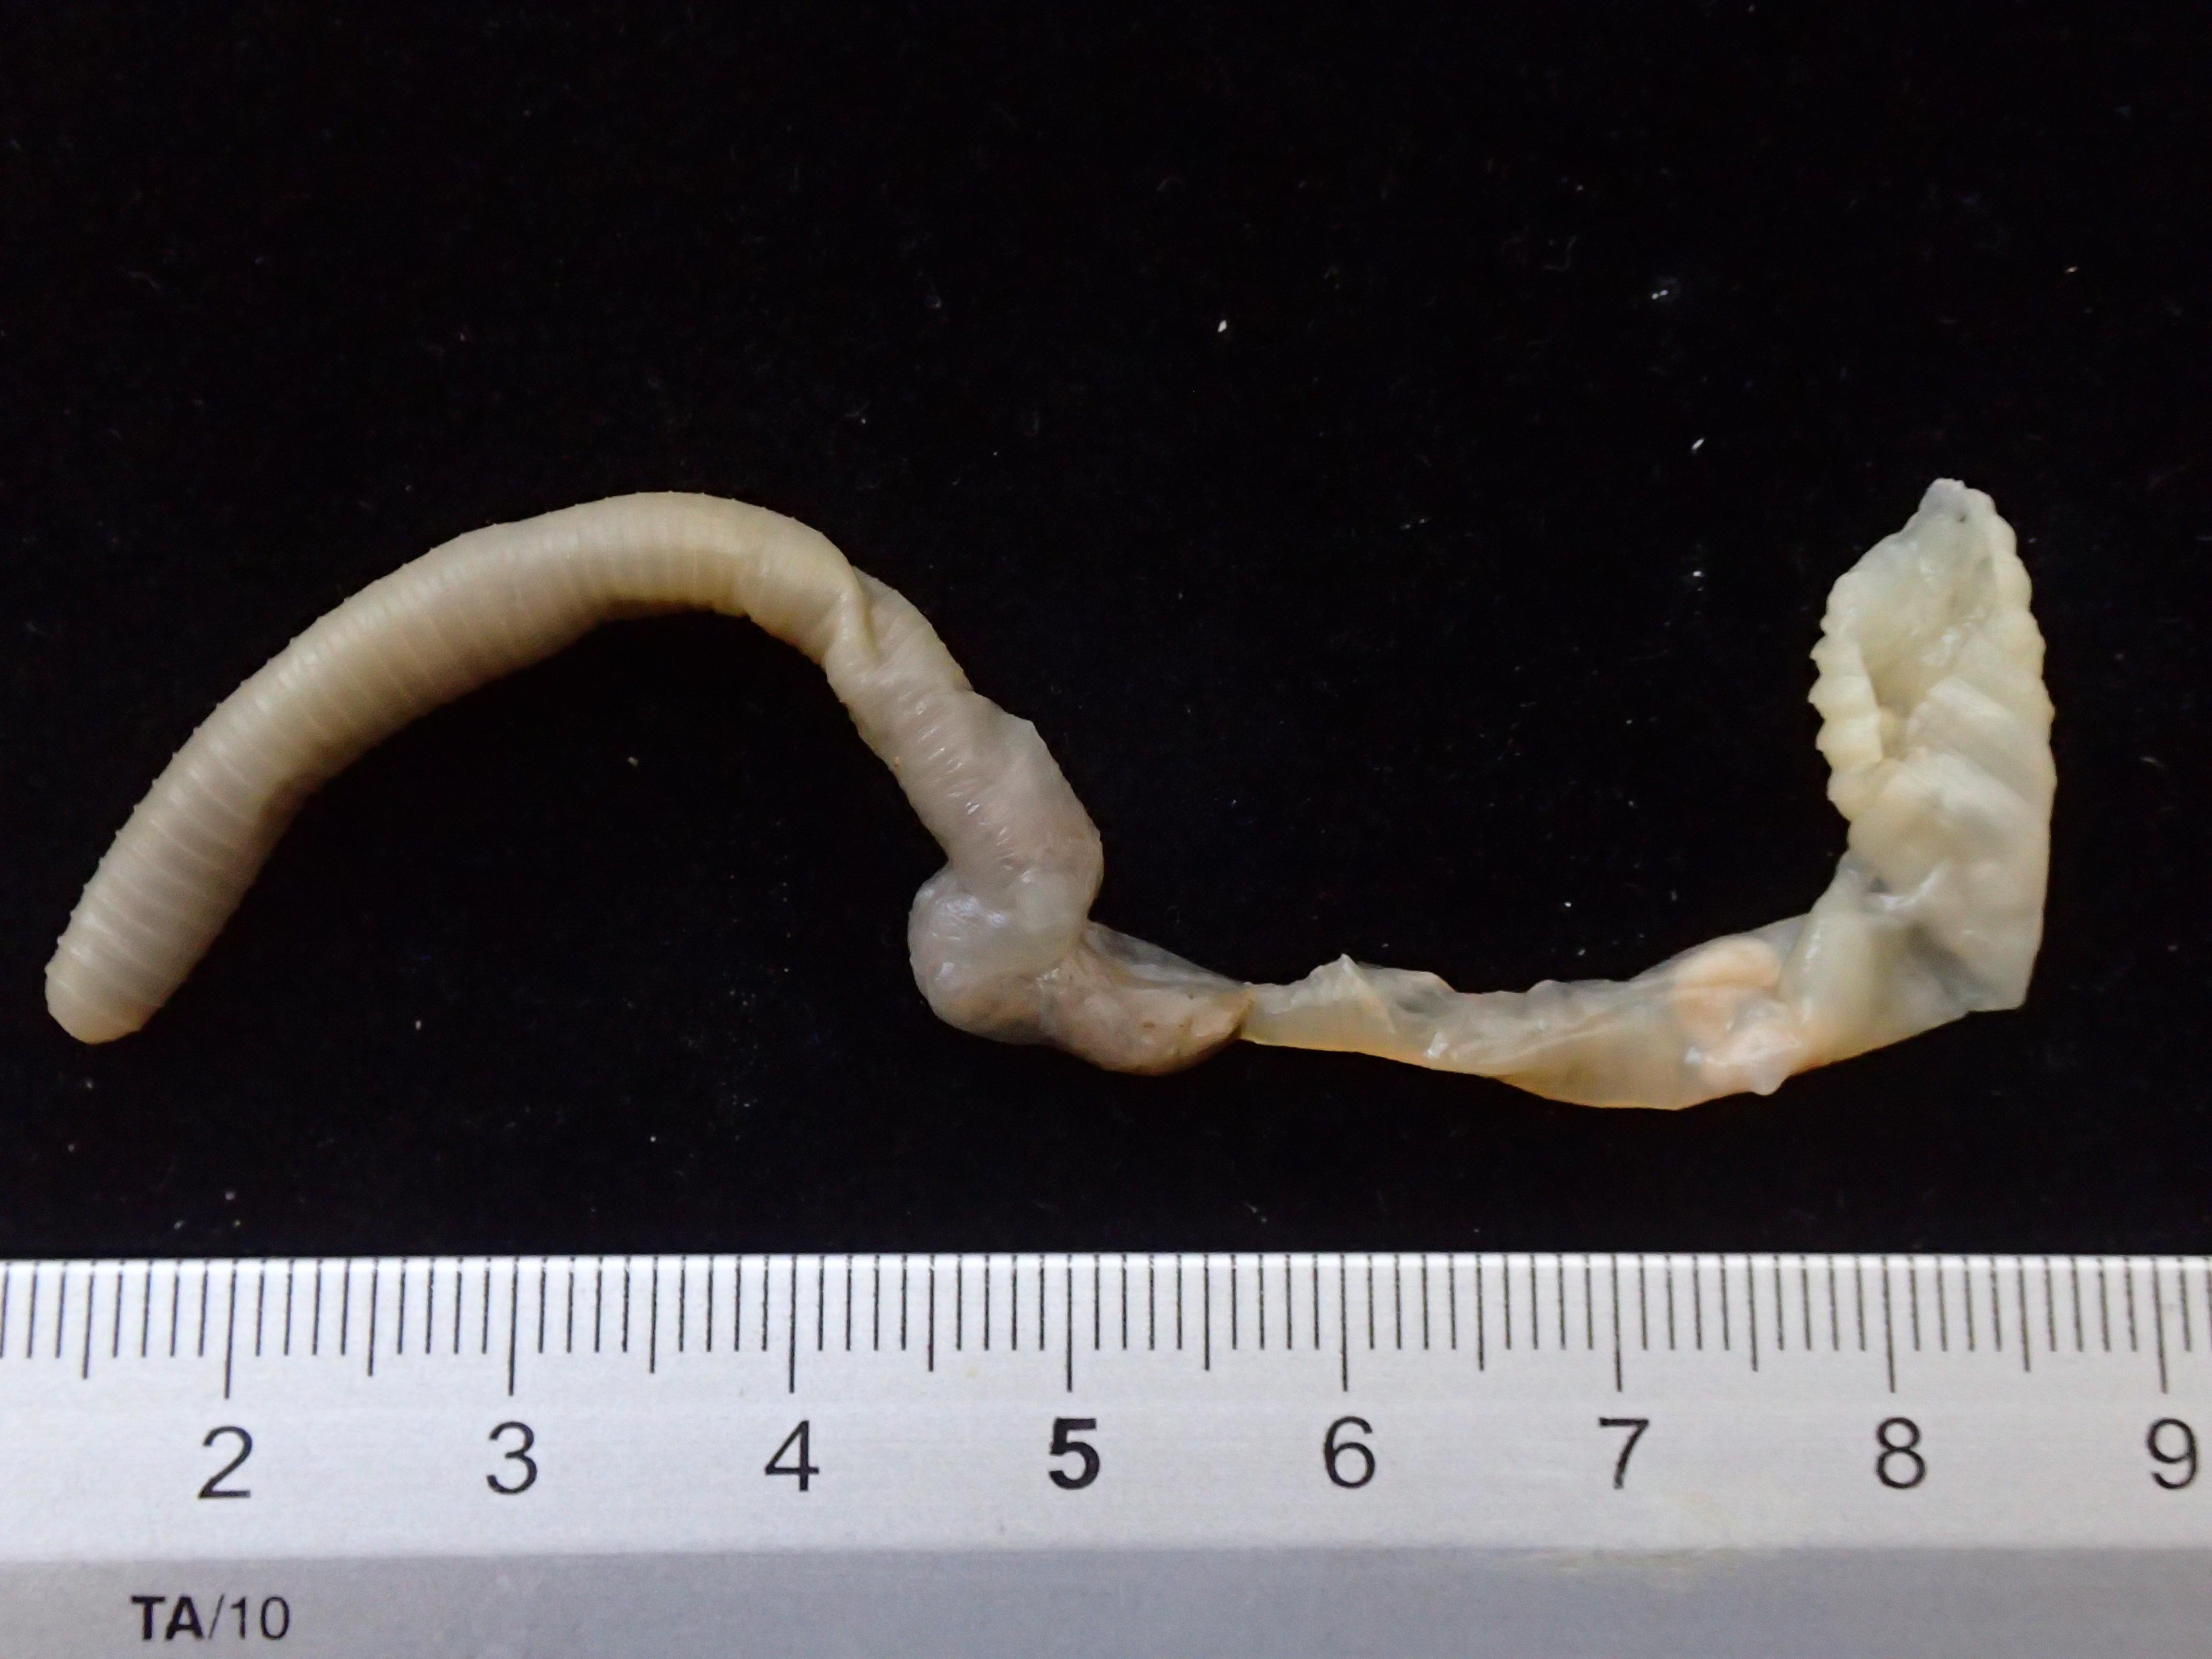 BE-RBINS-INV-TYPES-Pheretima-baritoensis-PHOTO-2.JPG